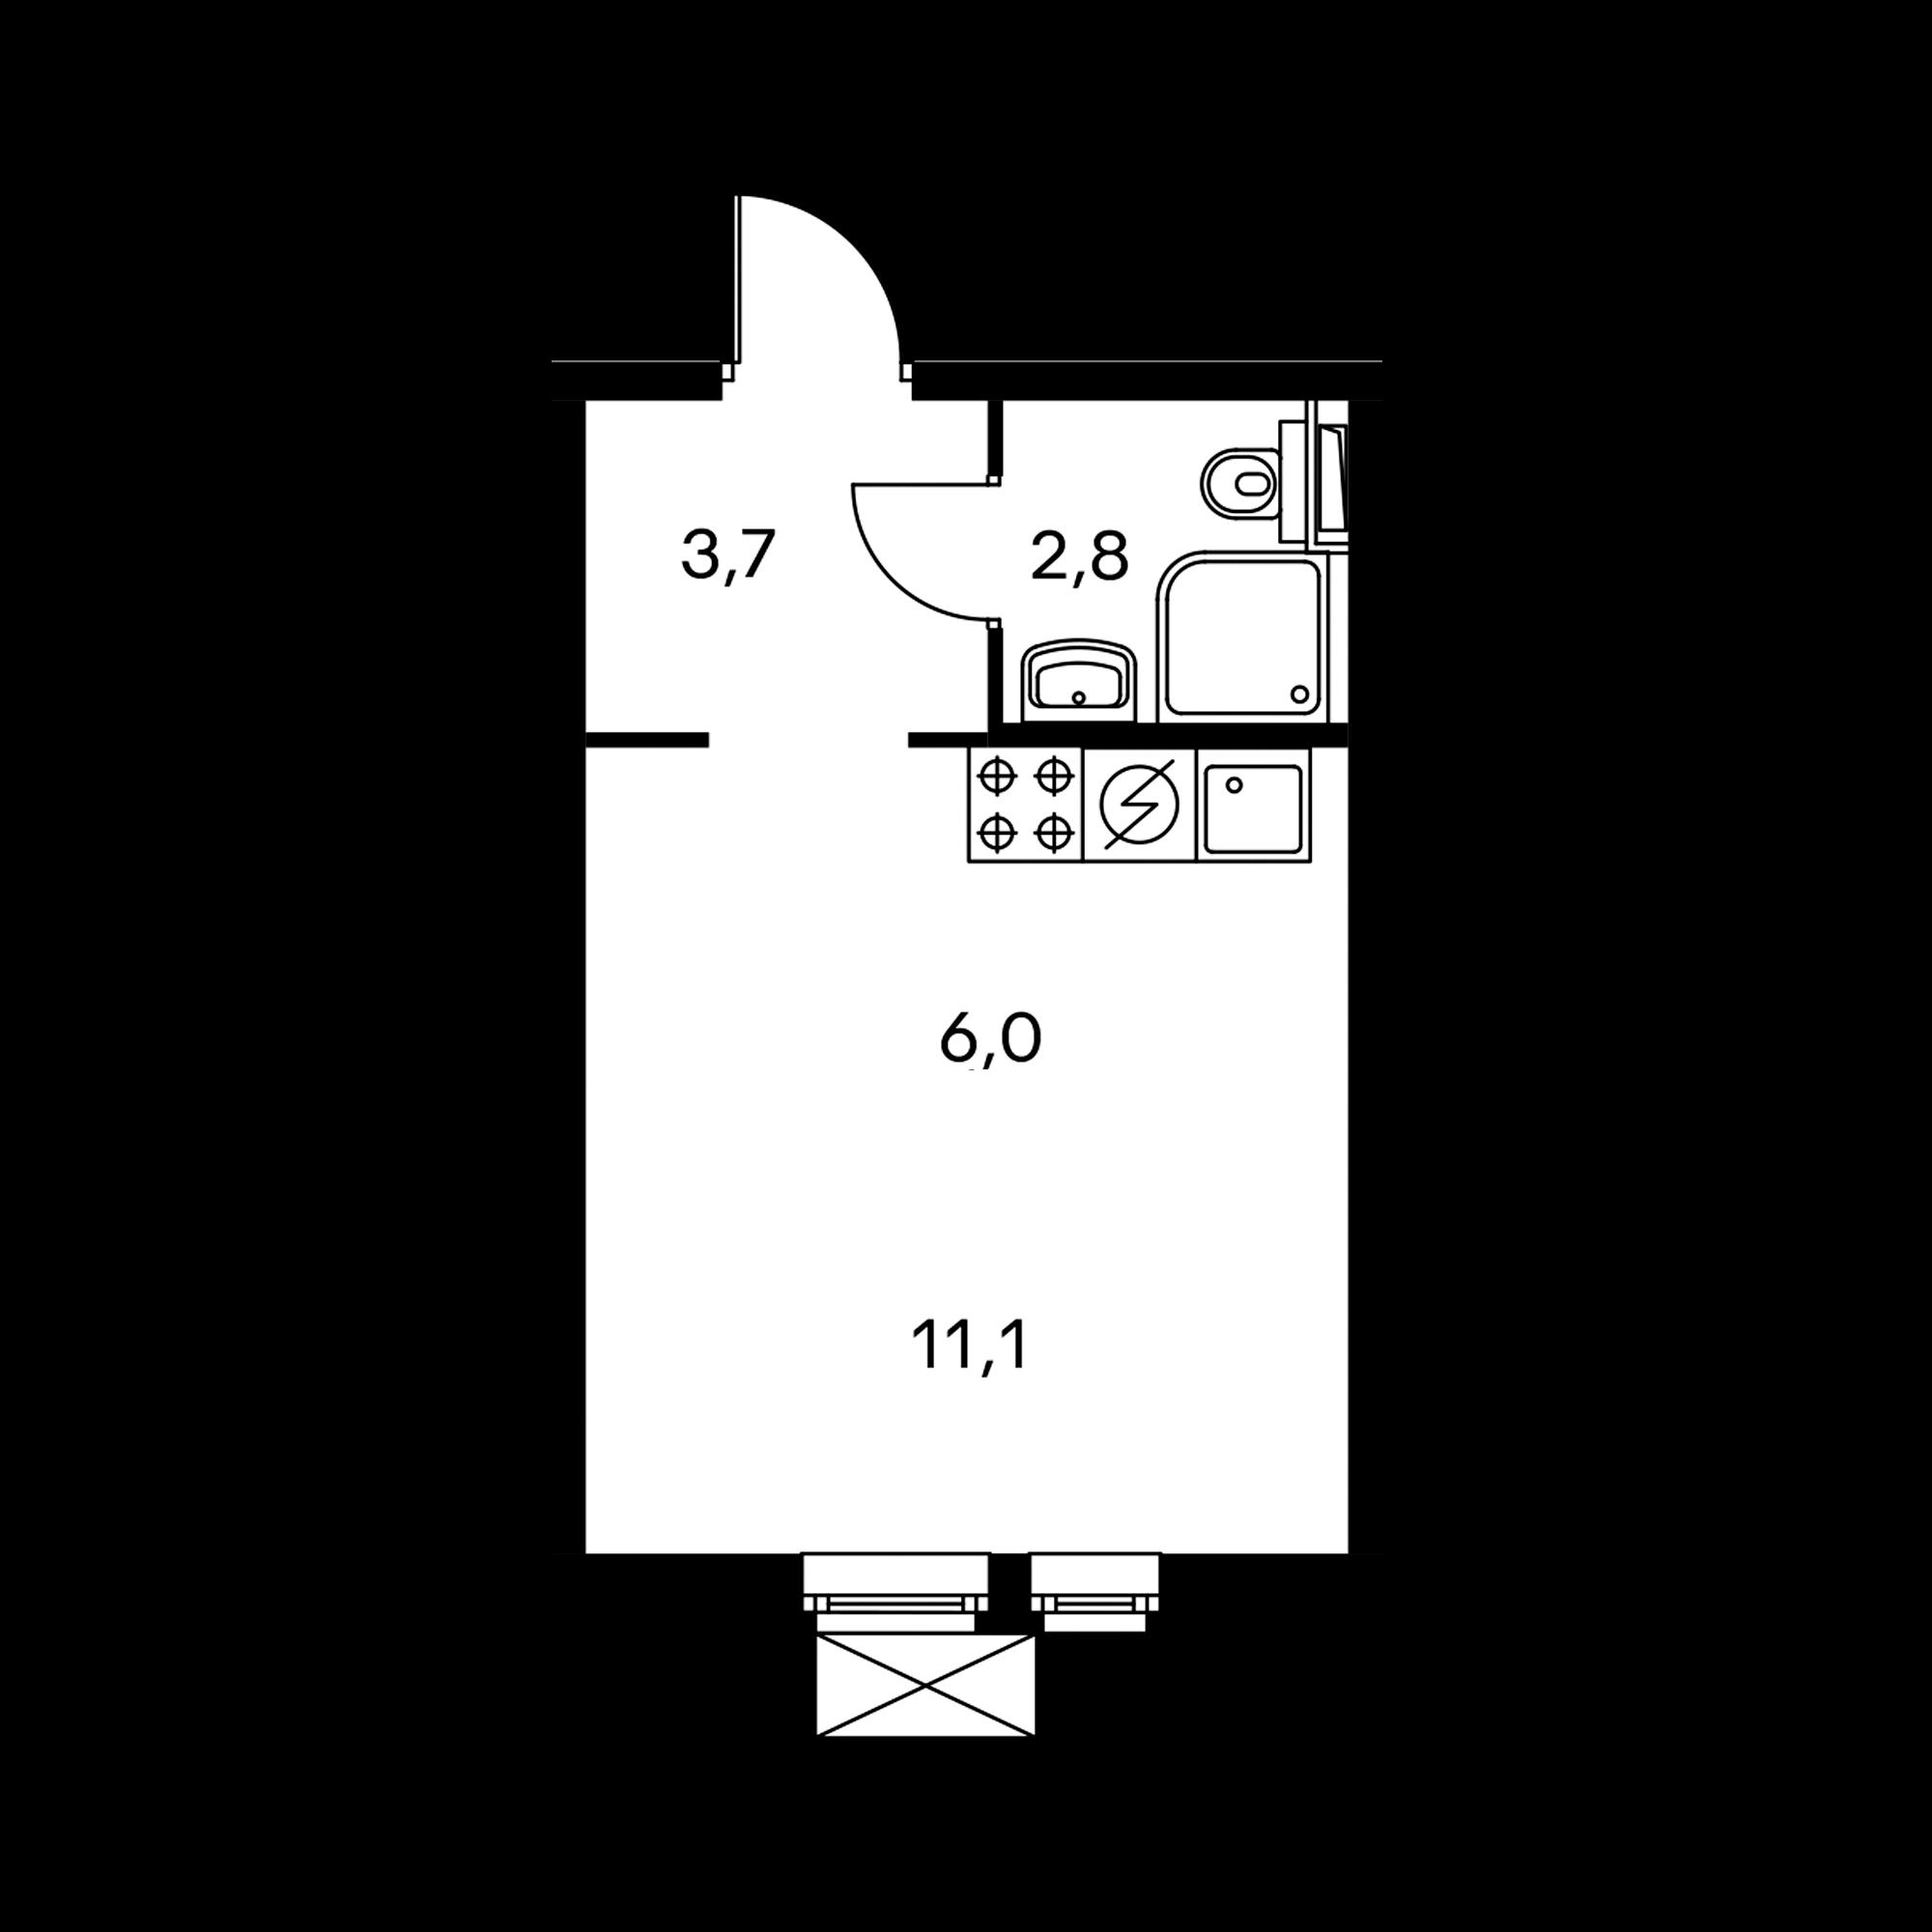 1NS1_4.2-1_S_A1